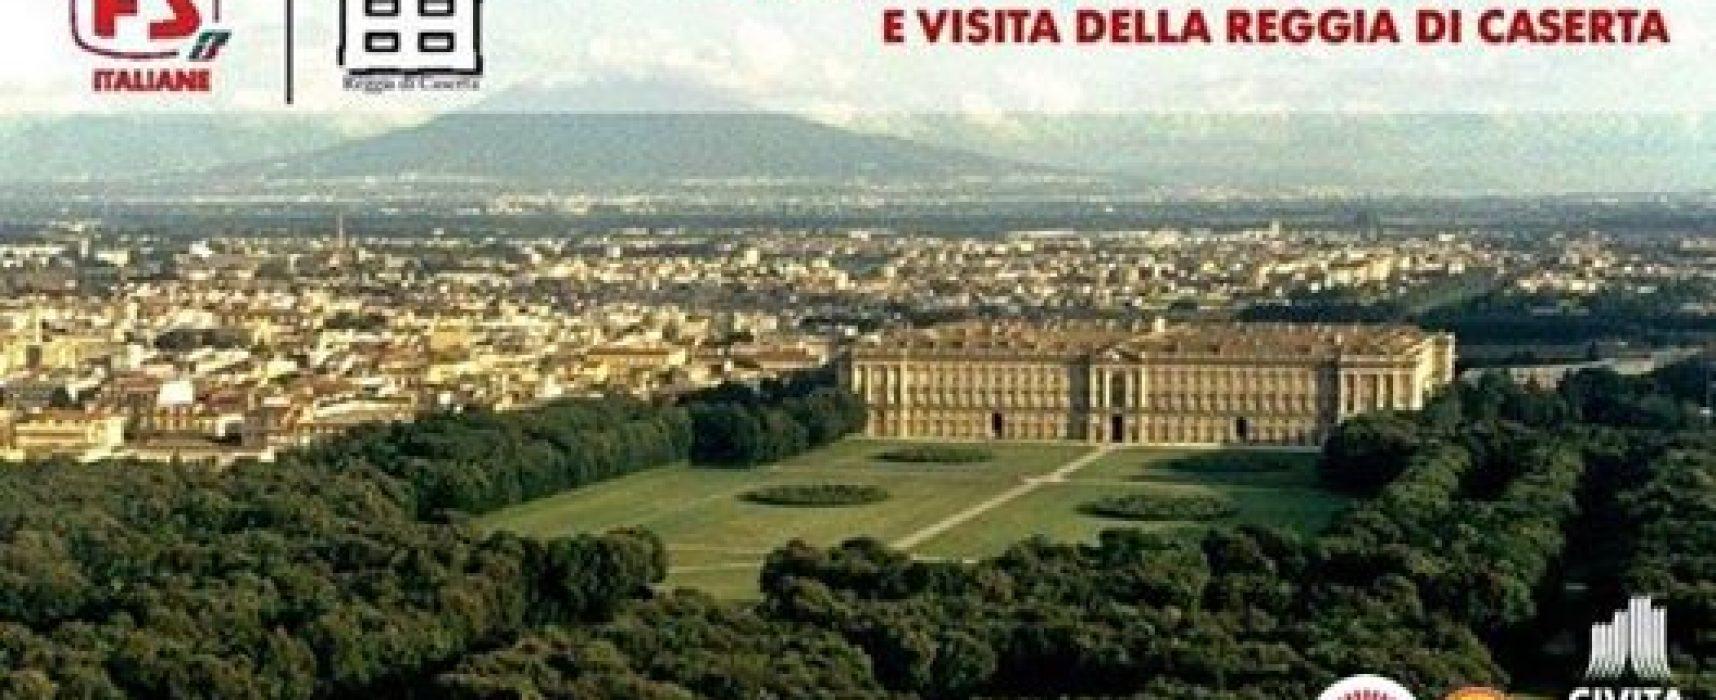 Reggia Caserta, ritorna il viaggio Express